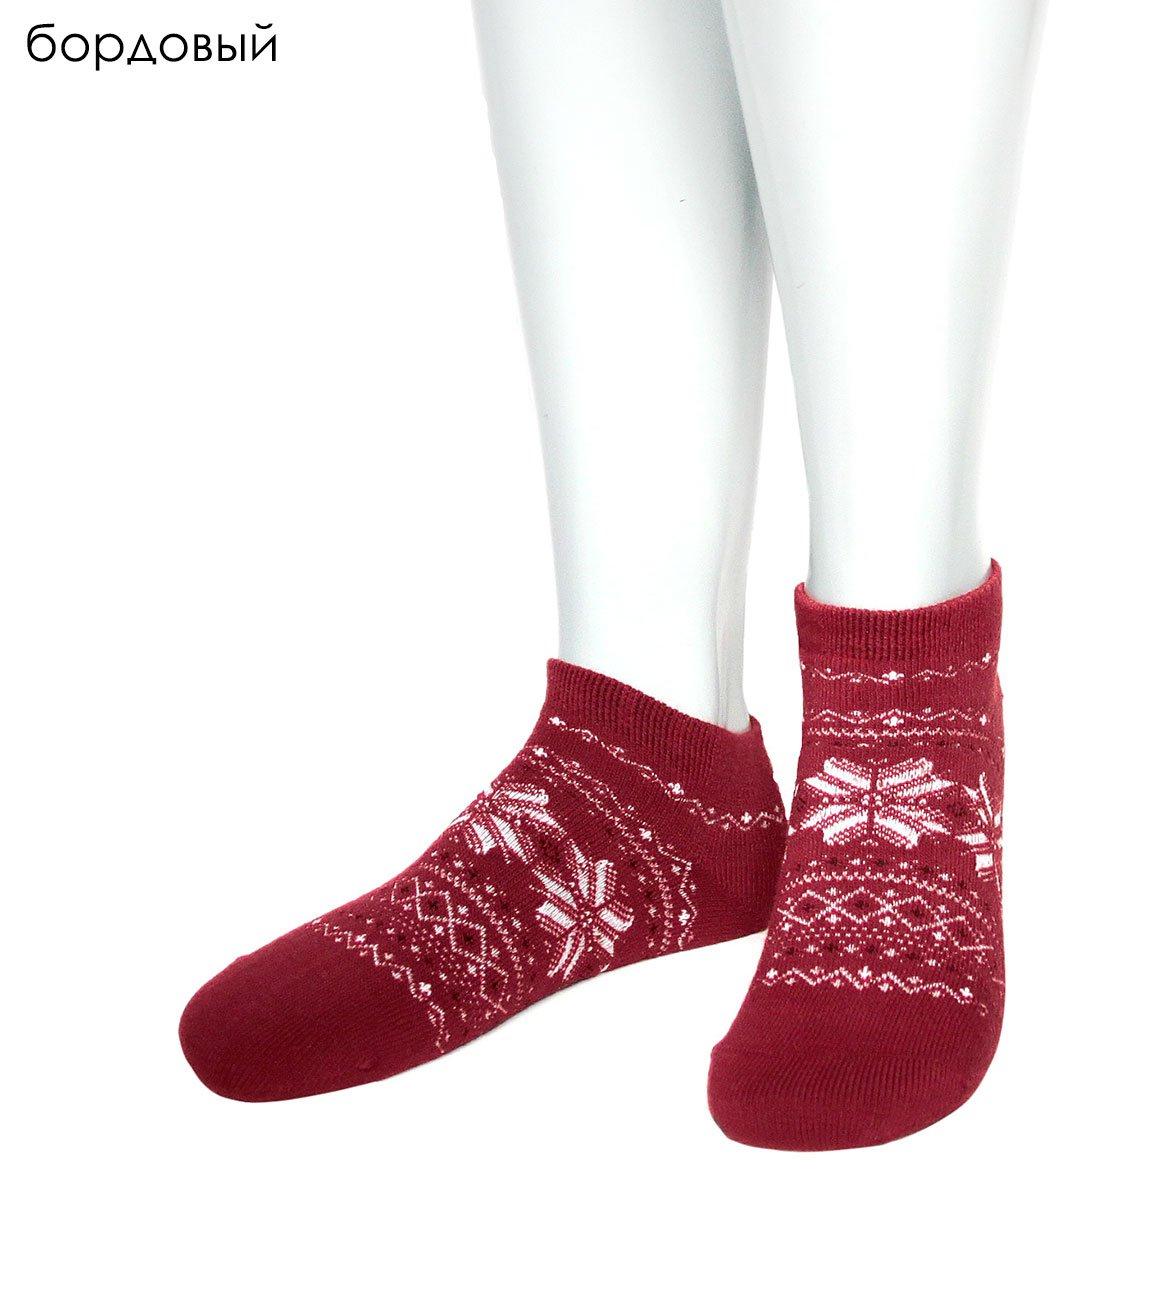 Женские шерстяные носки 17D4 Grinston